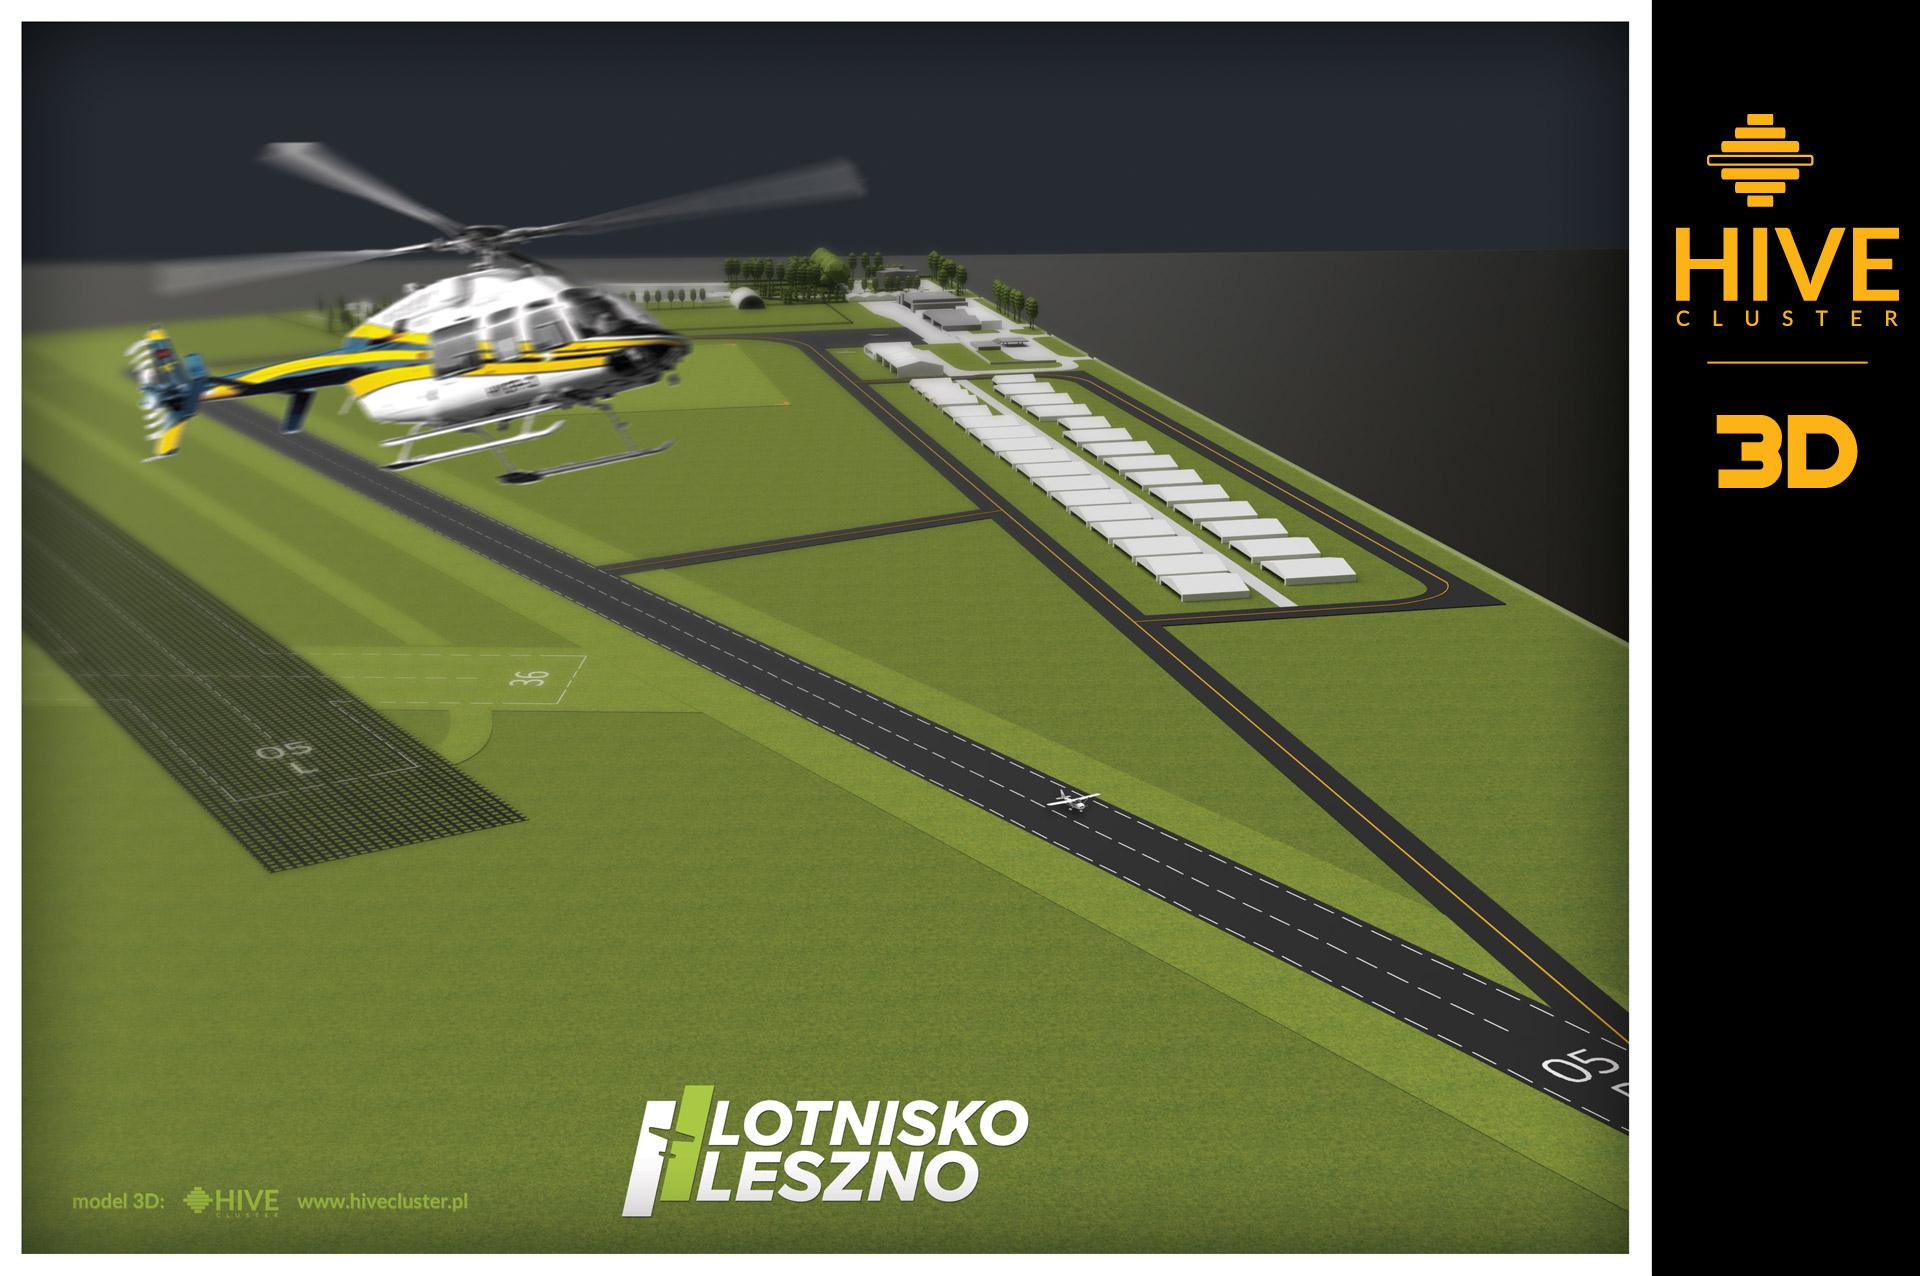 lotnisko leszno model 3d hive cluster